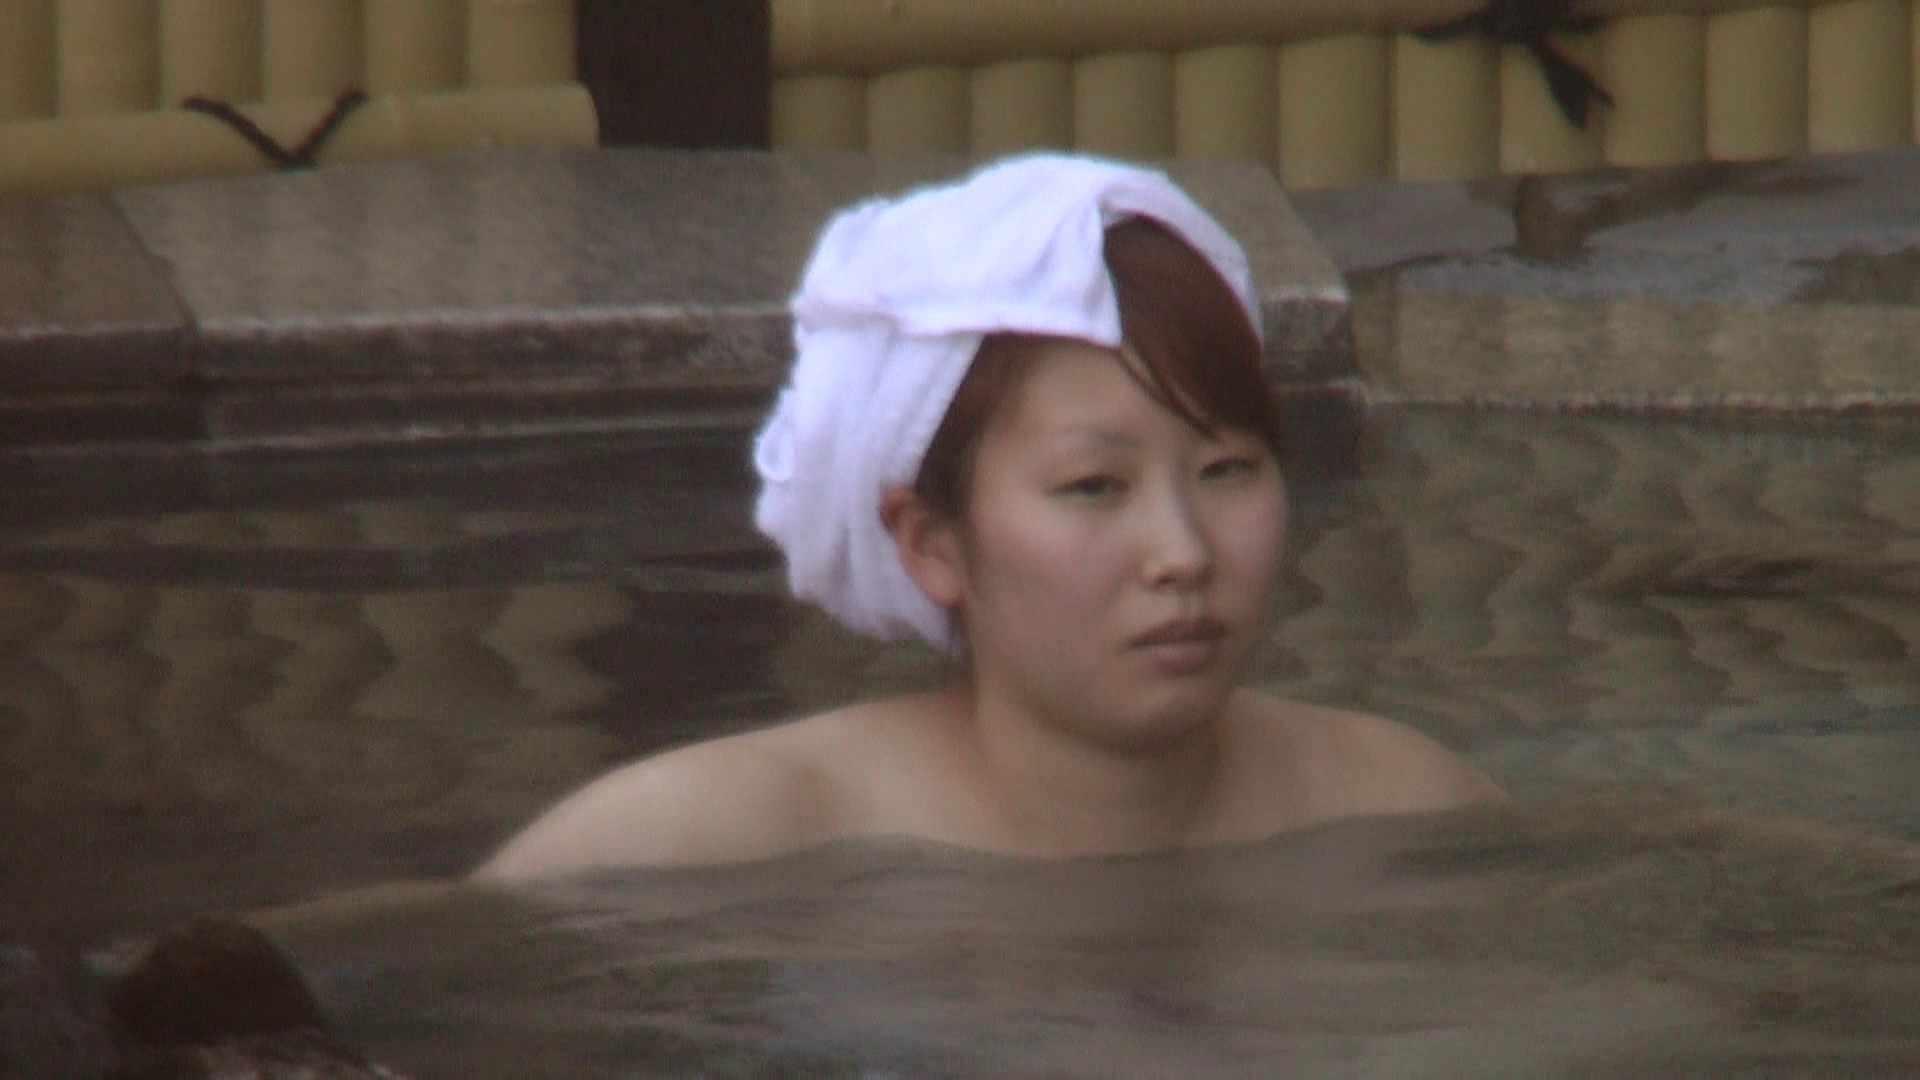 Aquaな露天風呂Vol.210 女体盗撮 隠し撮りオマンコ動画紹介 49連発 26